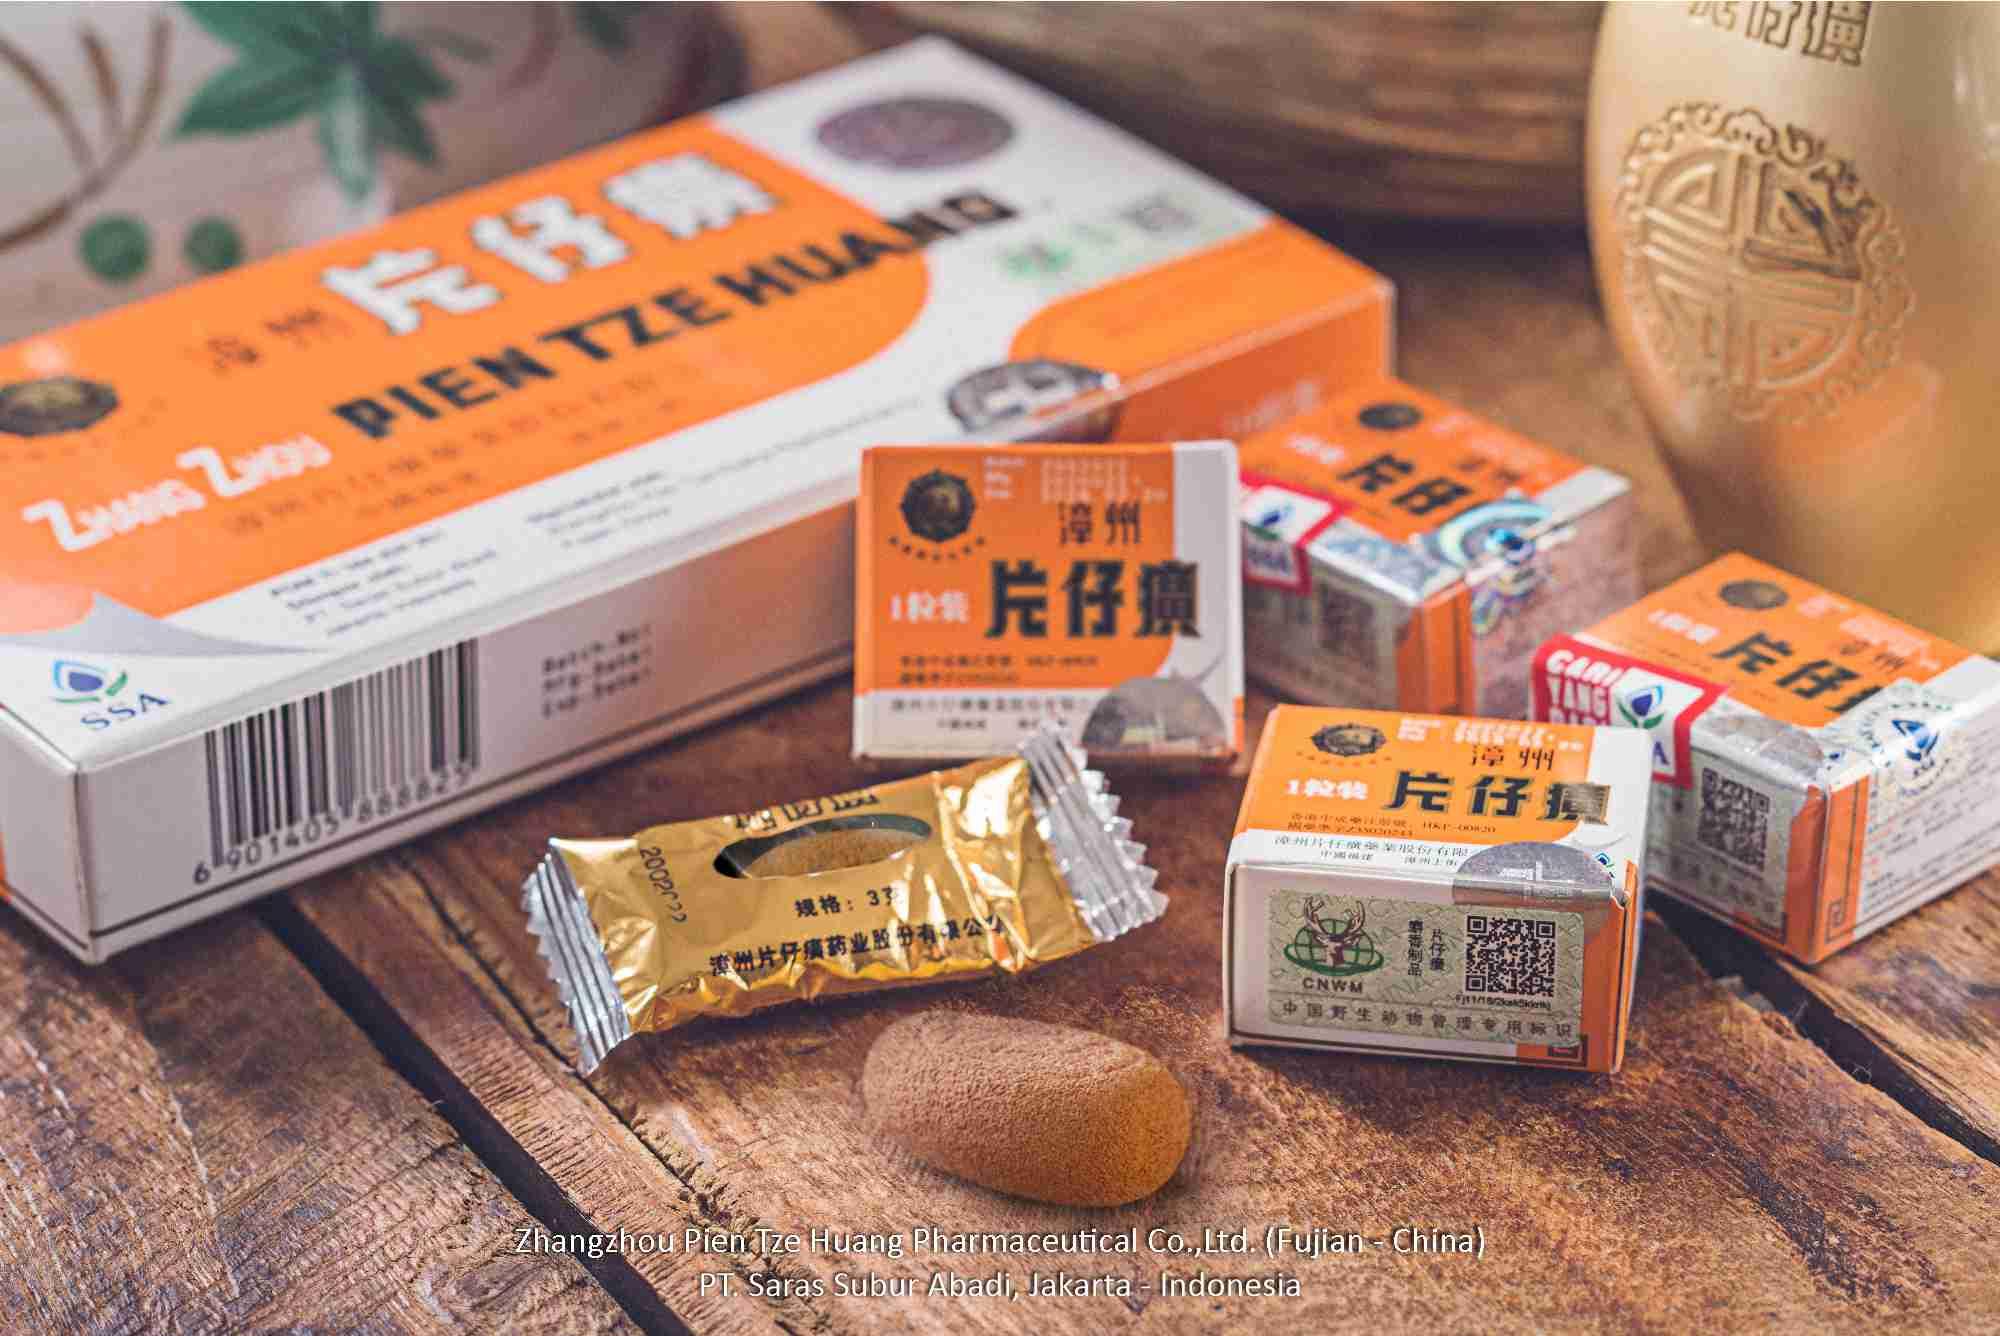 obat liver Pien Tze Huang